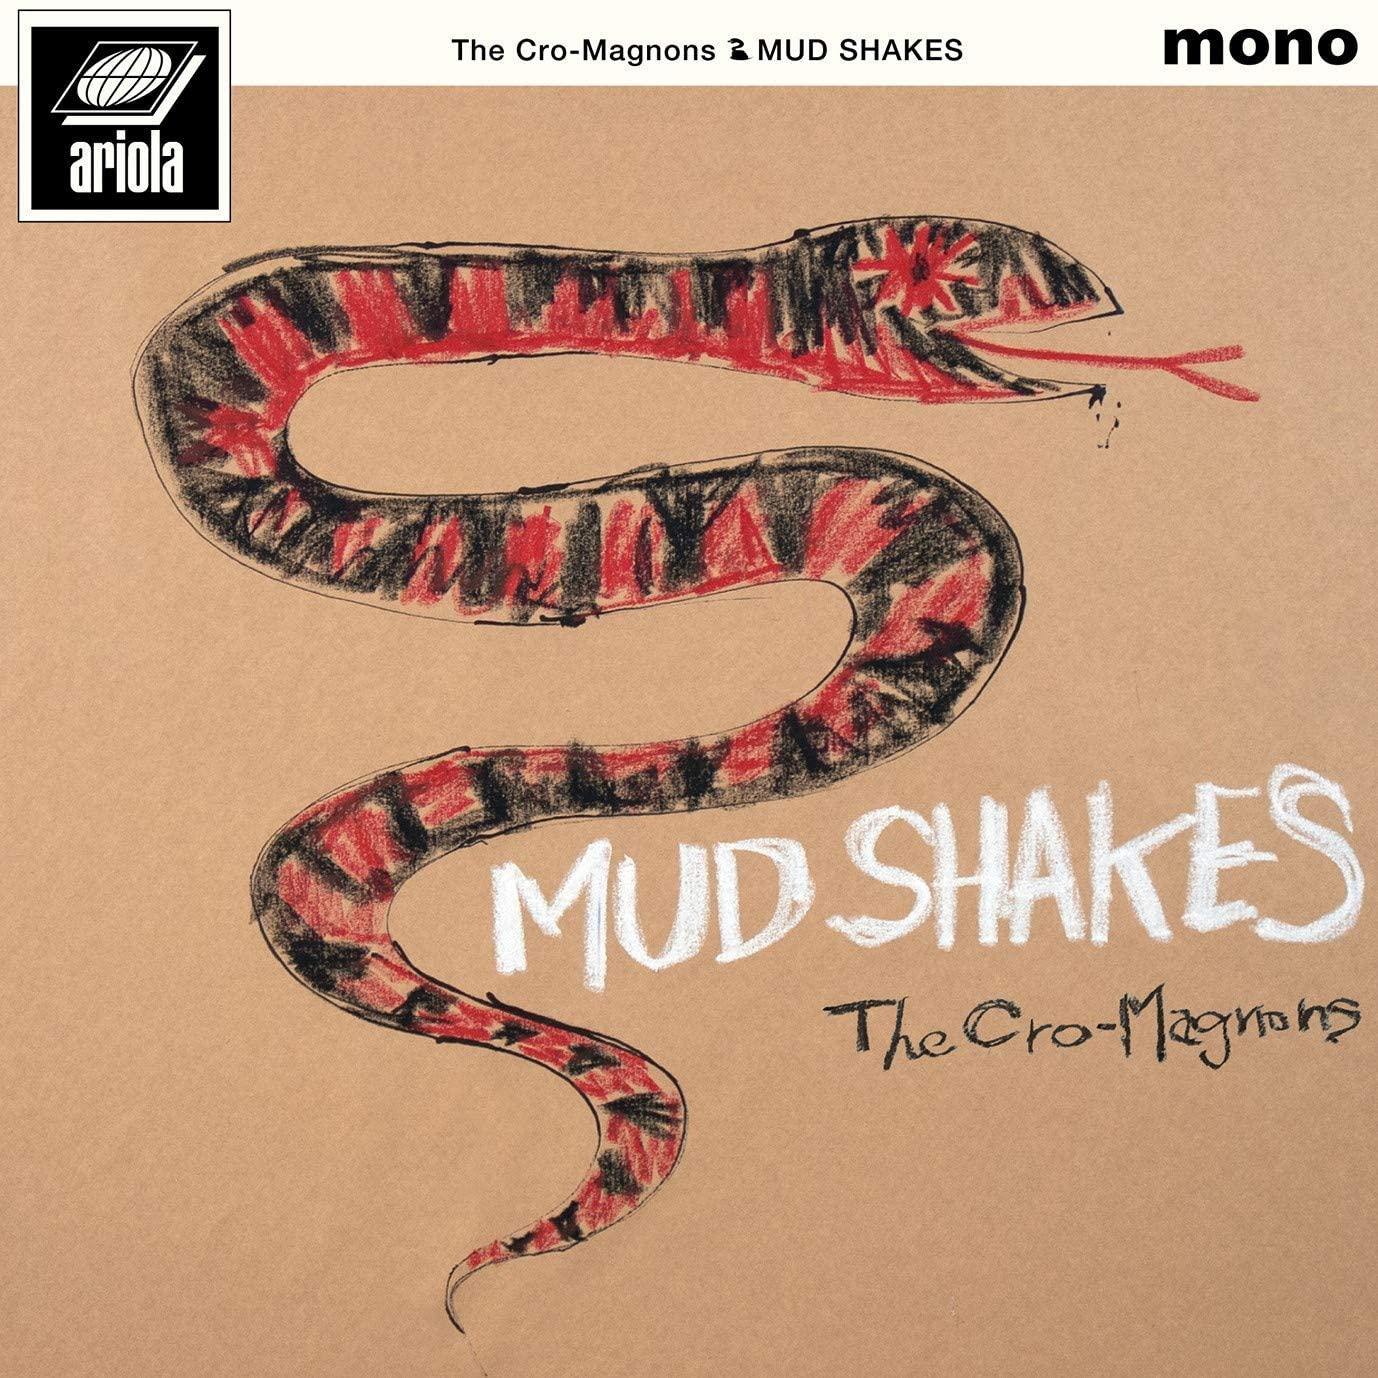 MUD SHAKES (ザ・クロマニヨンズ) とクロマニヨンズが大切にしている「ロマン」